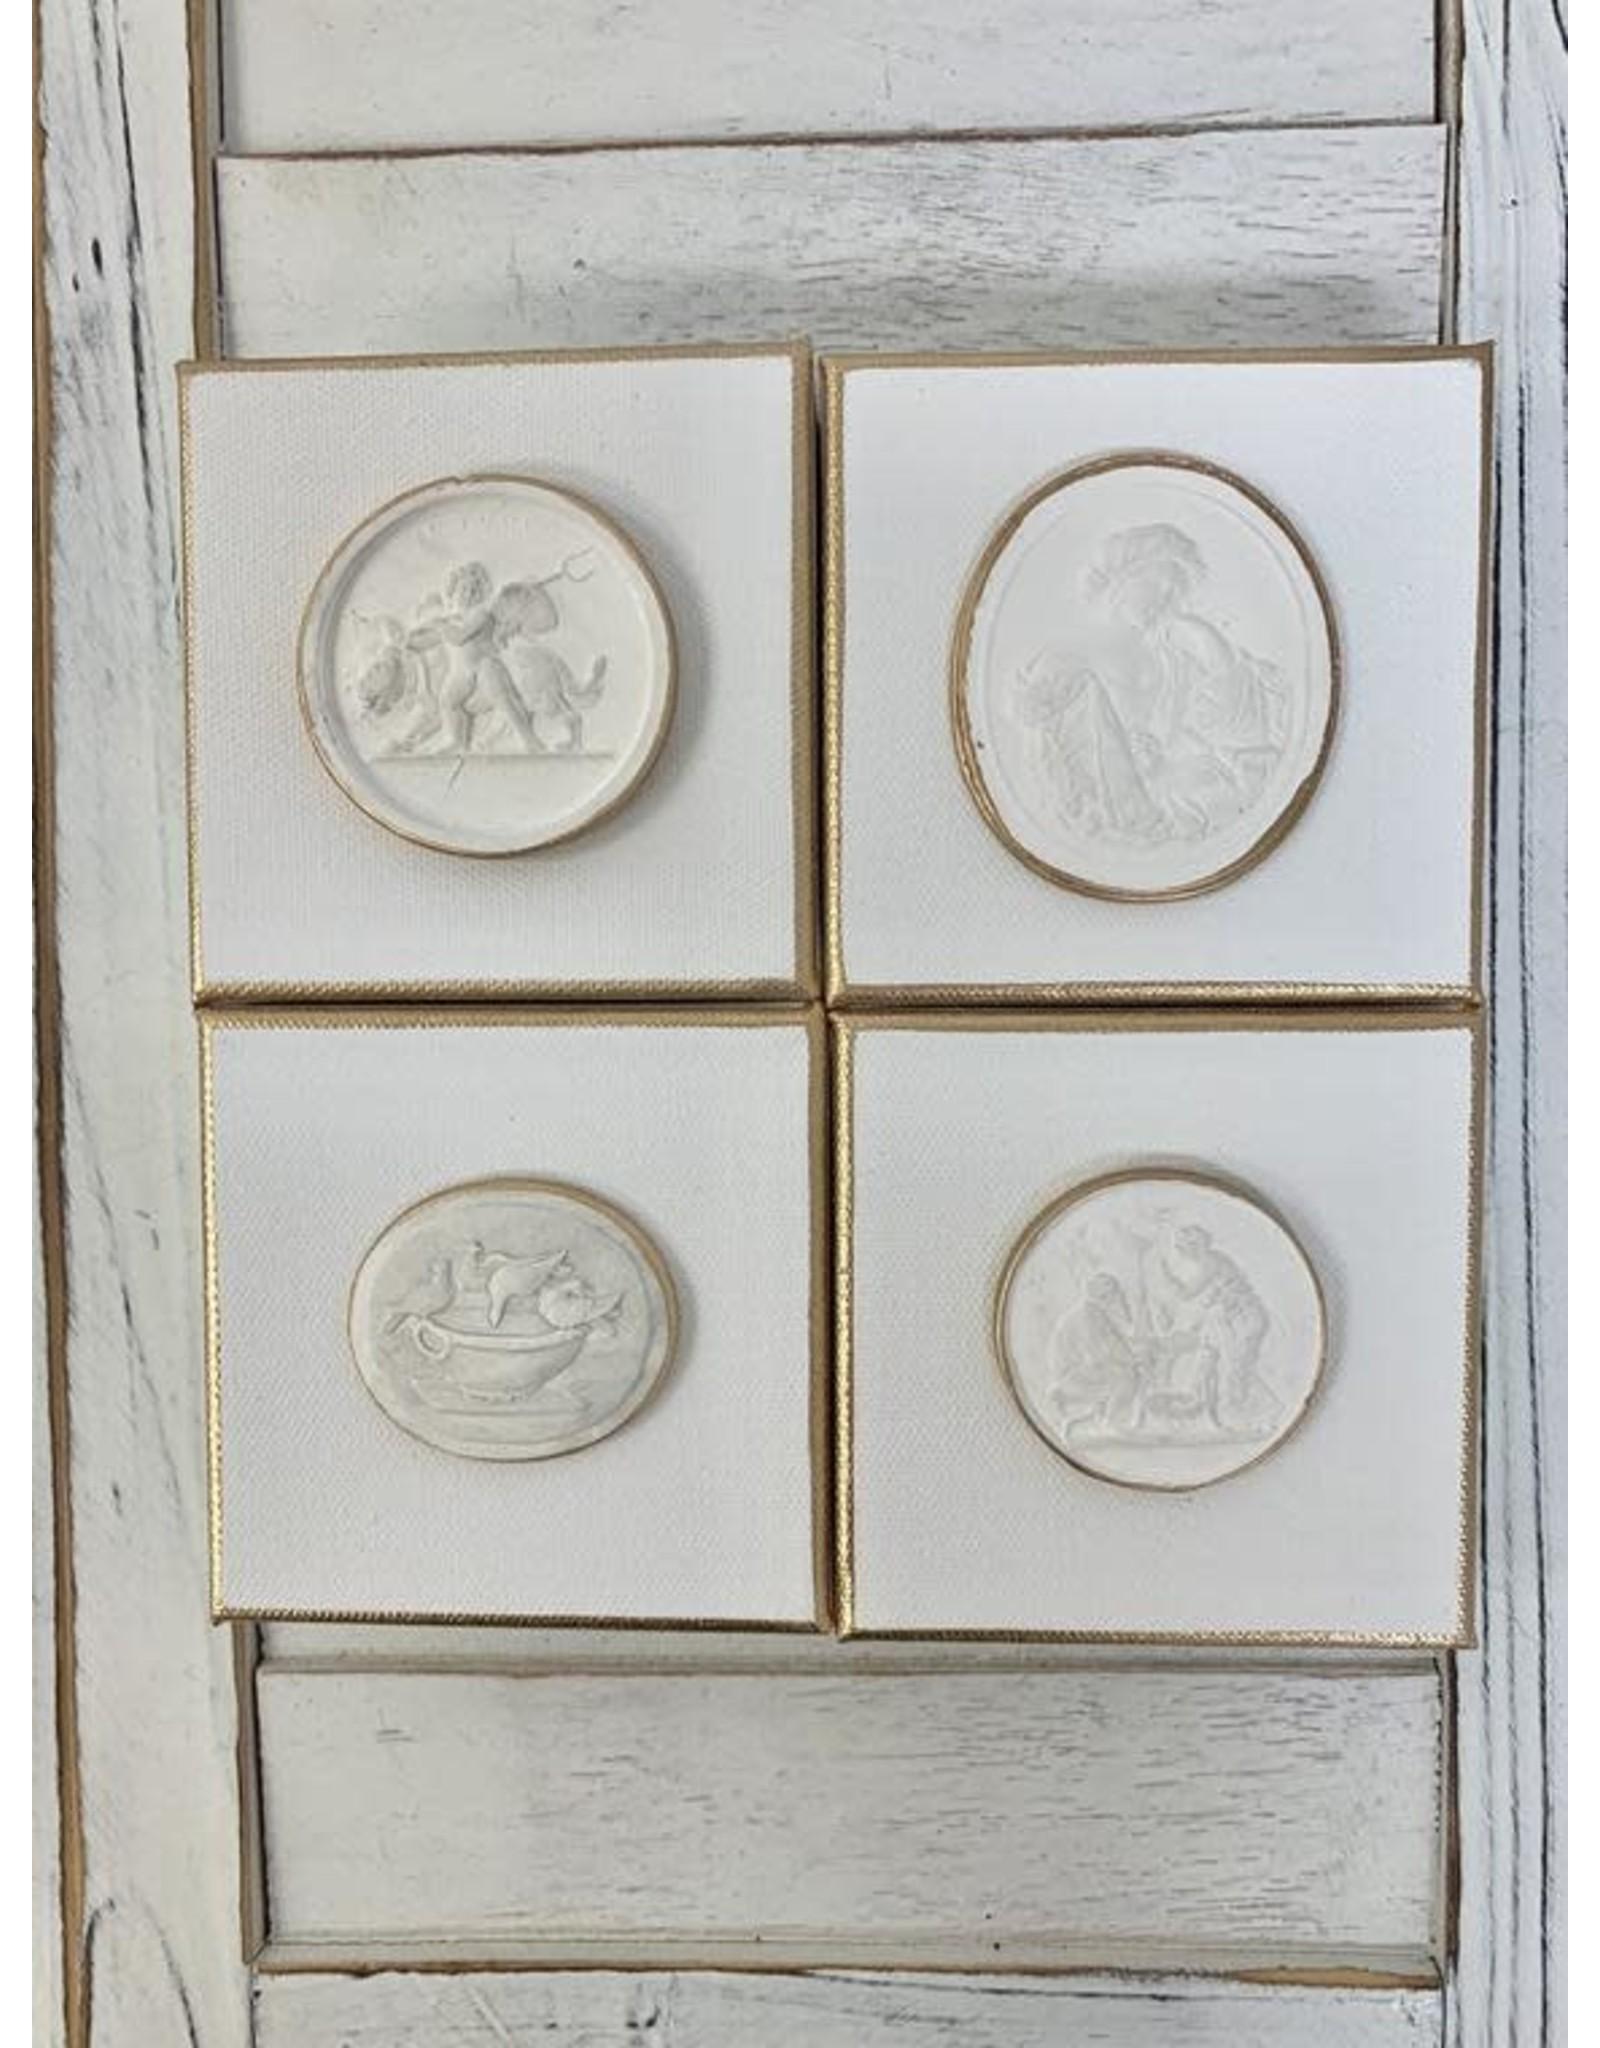 Oak + Arrow Interiors 4x4 white intaglios